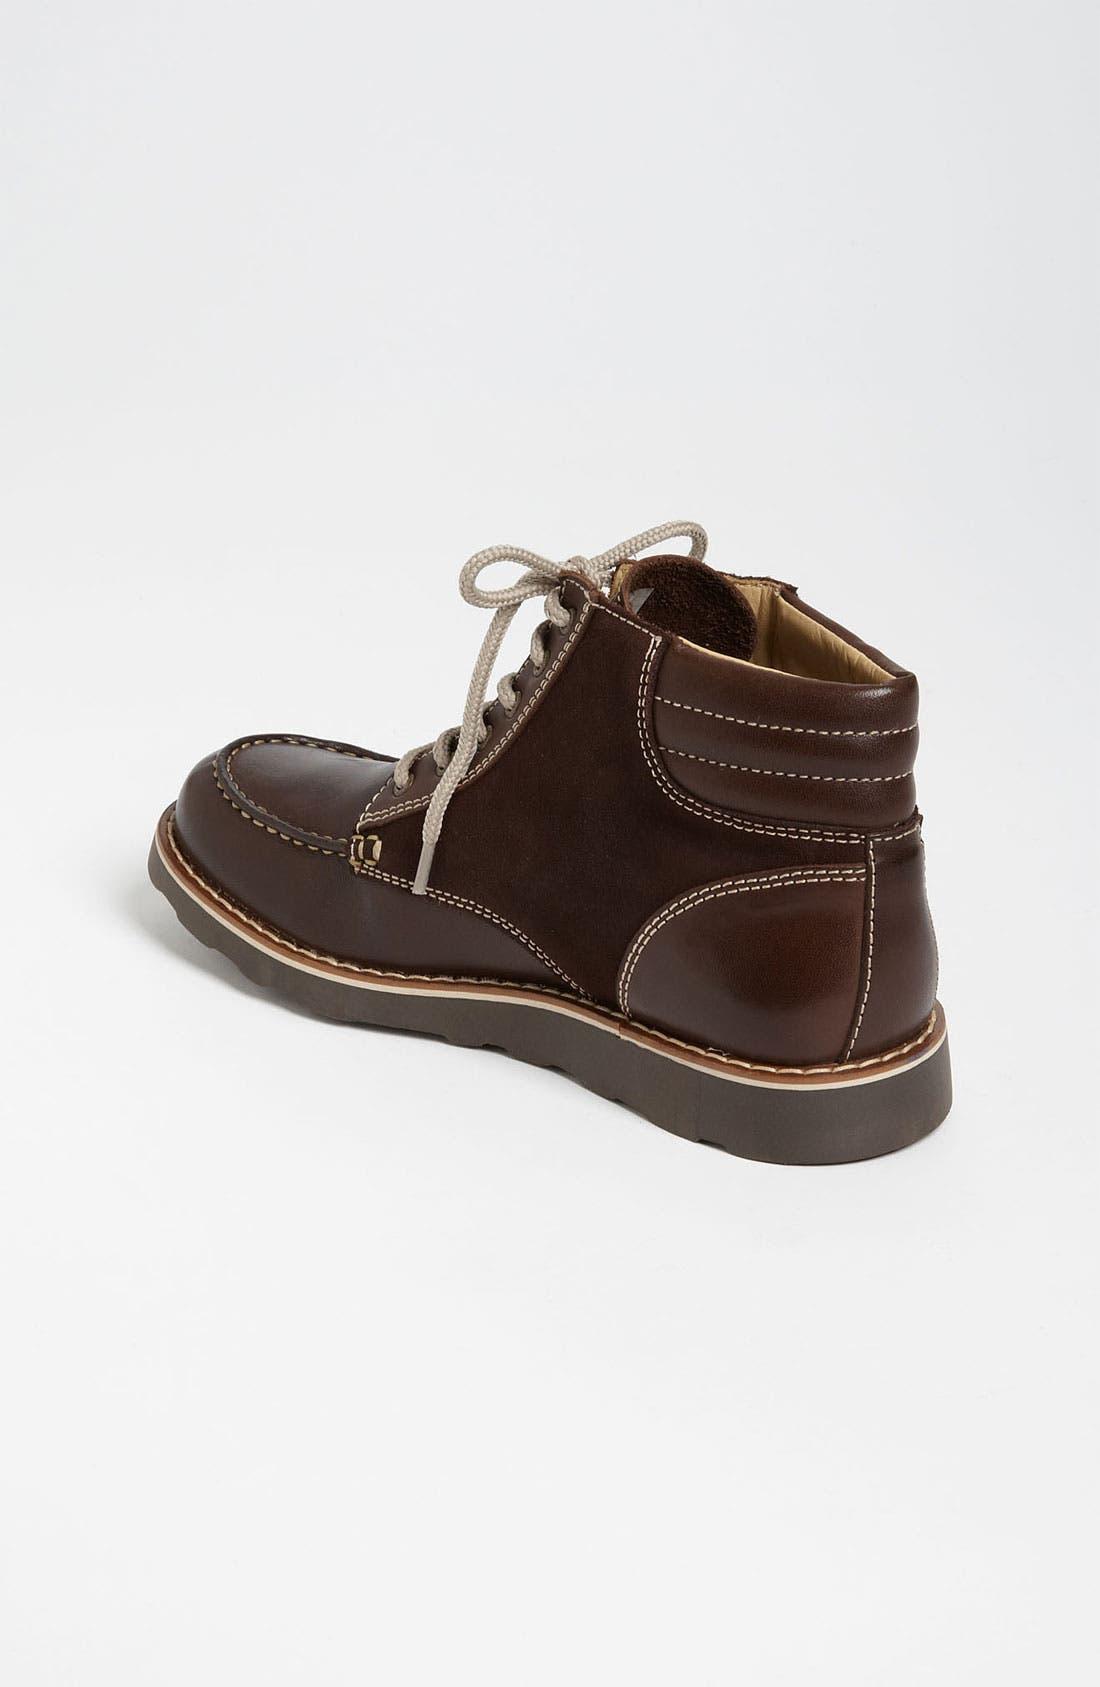 Alternate Image 2  - Armani Junior Leather Boot (Toddler, Little Kid & Big Kid)